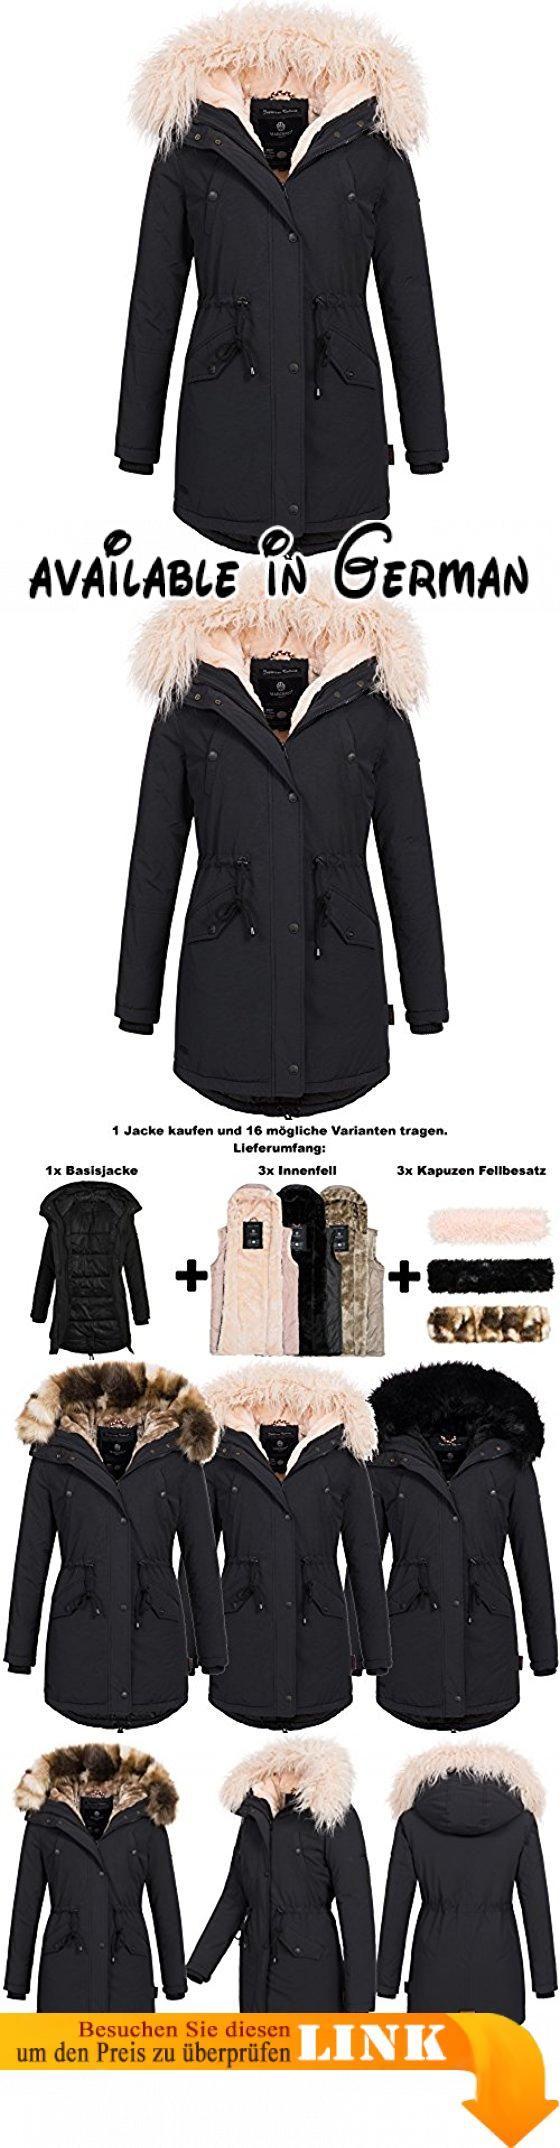 Marikoo TIRAMISU 16in1 Damen Jacke Parka XXL Fell Winterjacke Mantel 3-Farben WoW inklusiv Lieferumfang: 3x Innen- und Außenfell XS-XXXXXL, Größe:S - 36;Farbe:Schwarz. Mit dem Kauf von diesem Parka können Sie Ihrer Fantasie freien Lauf lassen. Sie haben 16 mögliche Trage Varianten. Sie kaufen hier ein Set, bestend aus: 1xBasisjacke + 3x Innenfell(Rosa, Braun, Schwarz) + 3x Kunsfellkragen(Rosa, Camouflage, Schwarz). Der Mantel ist nicht nur optisch ein Highlight sondern